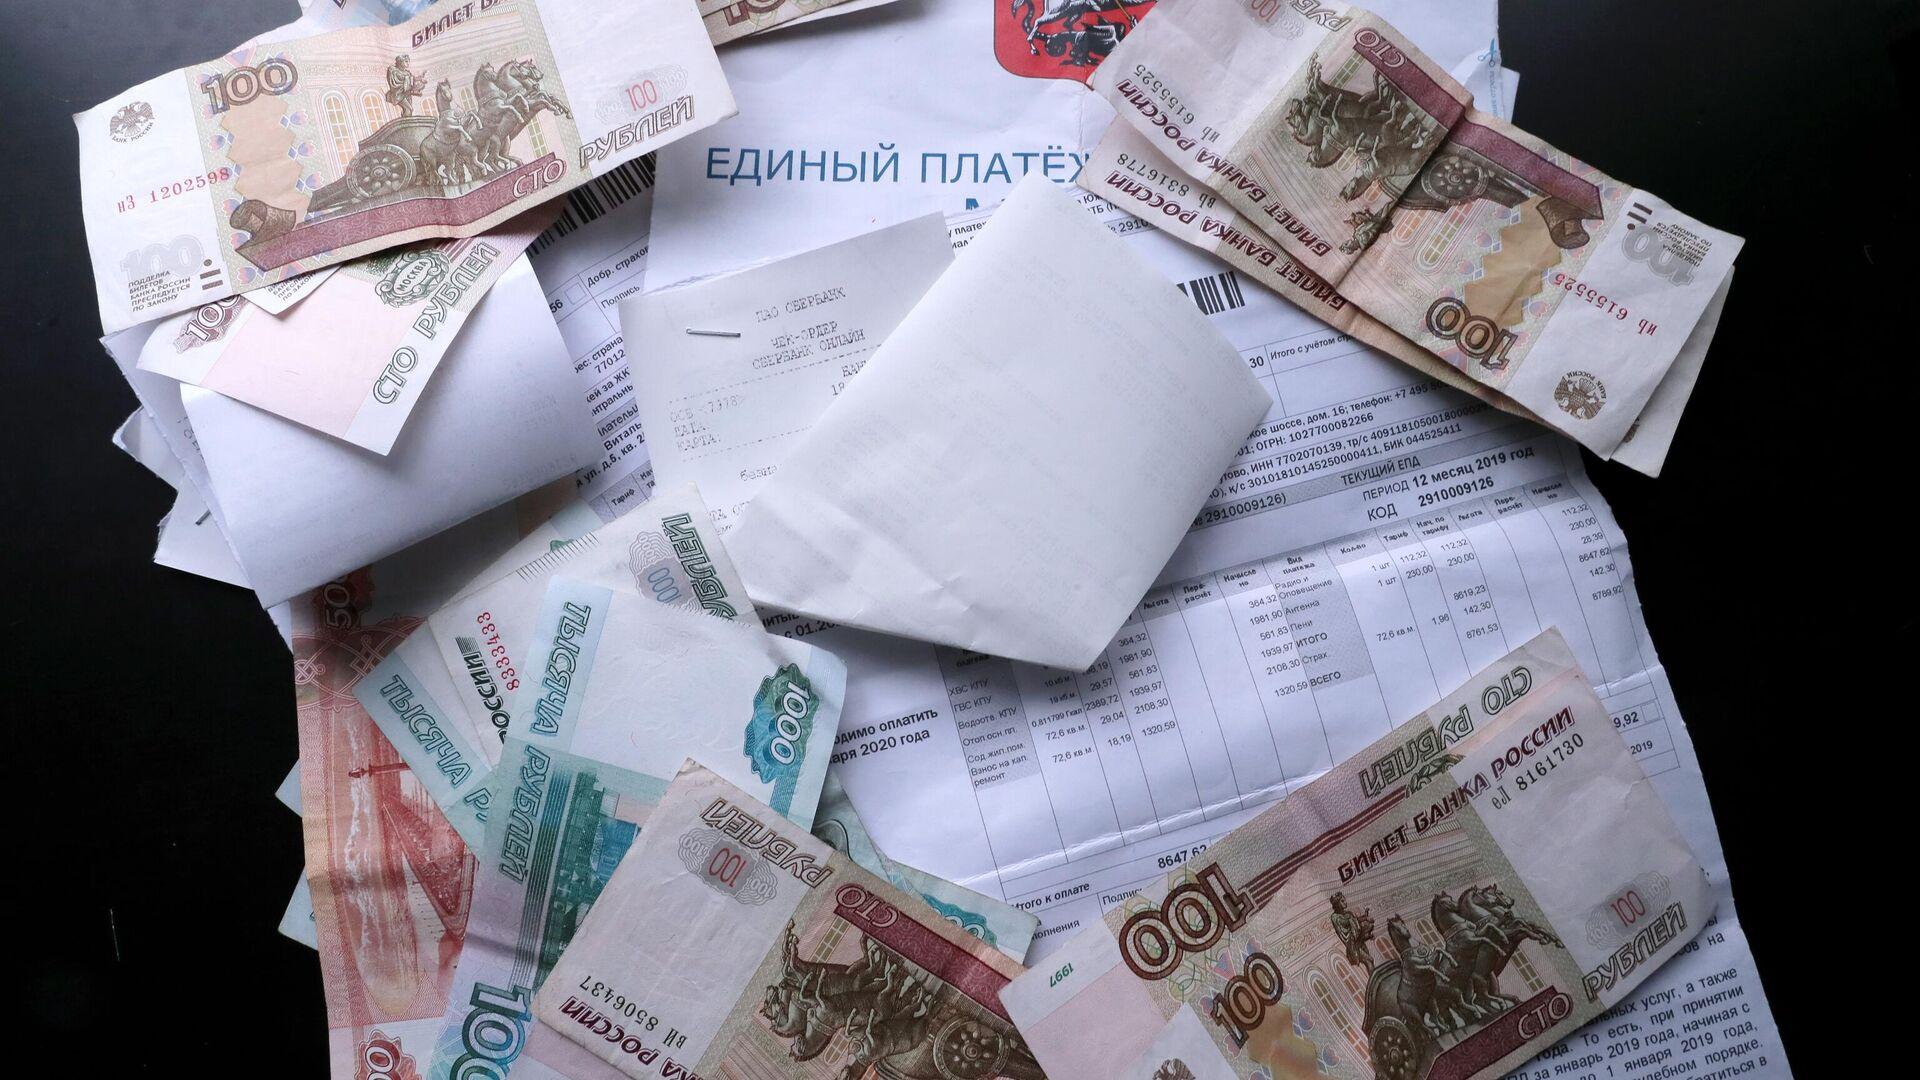 Денежные купюры и квитанции за оплату коммунальных услуг. - РИА Новости, 1920, 24.02.2021